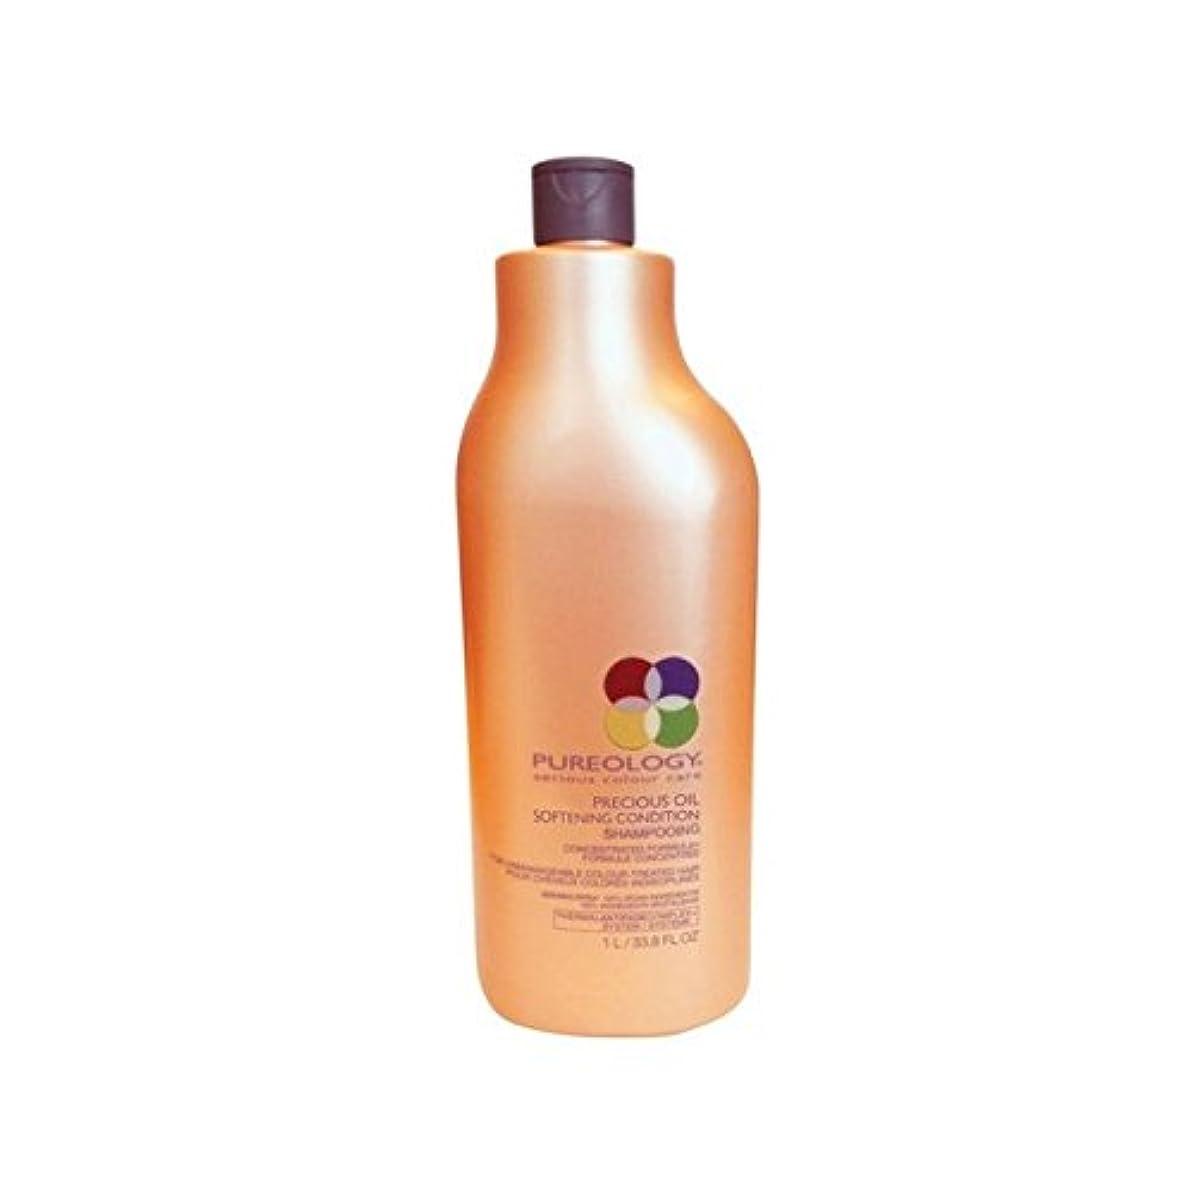 周術期グリーンランドチェスをする貴重なオイルコンディショナー(千ミリリットル) x2 - Pureology Precious Oil Conditioner (1000ml) (Pack of 2) [並行輸入品]